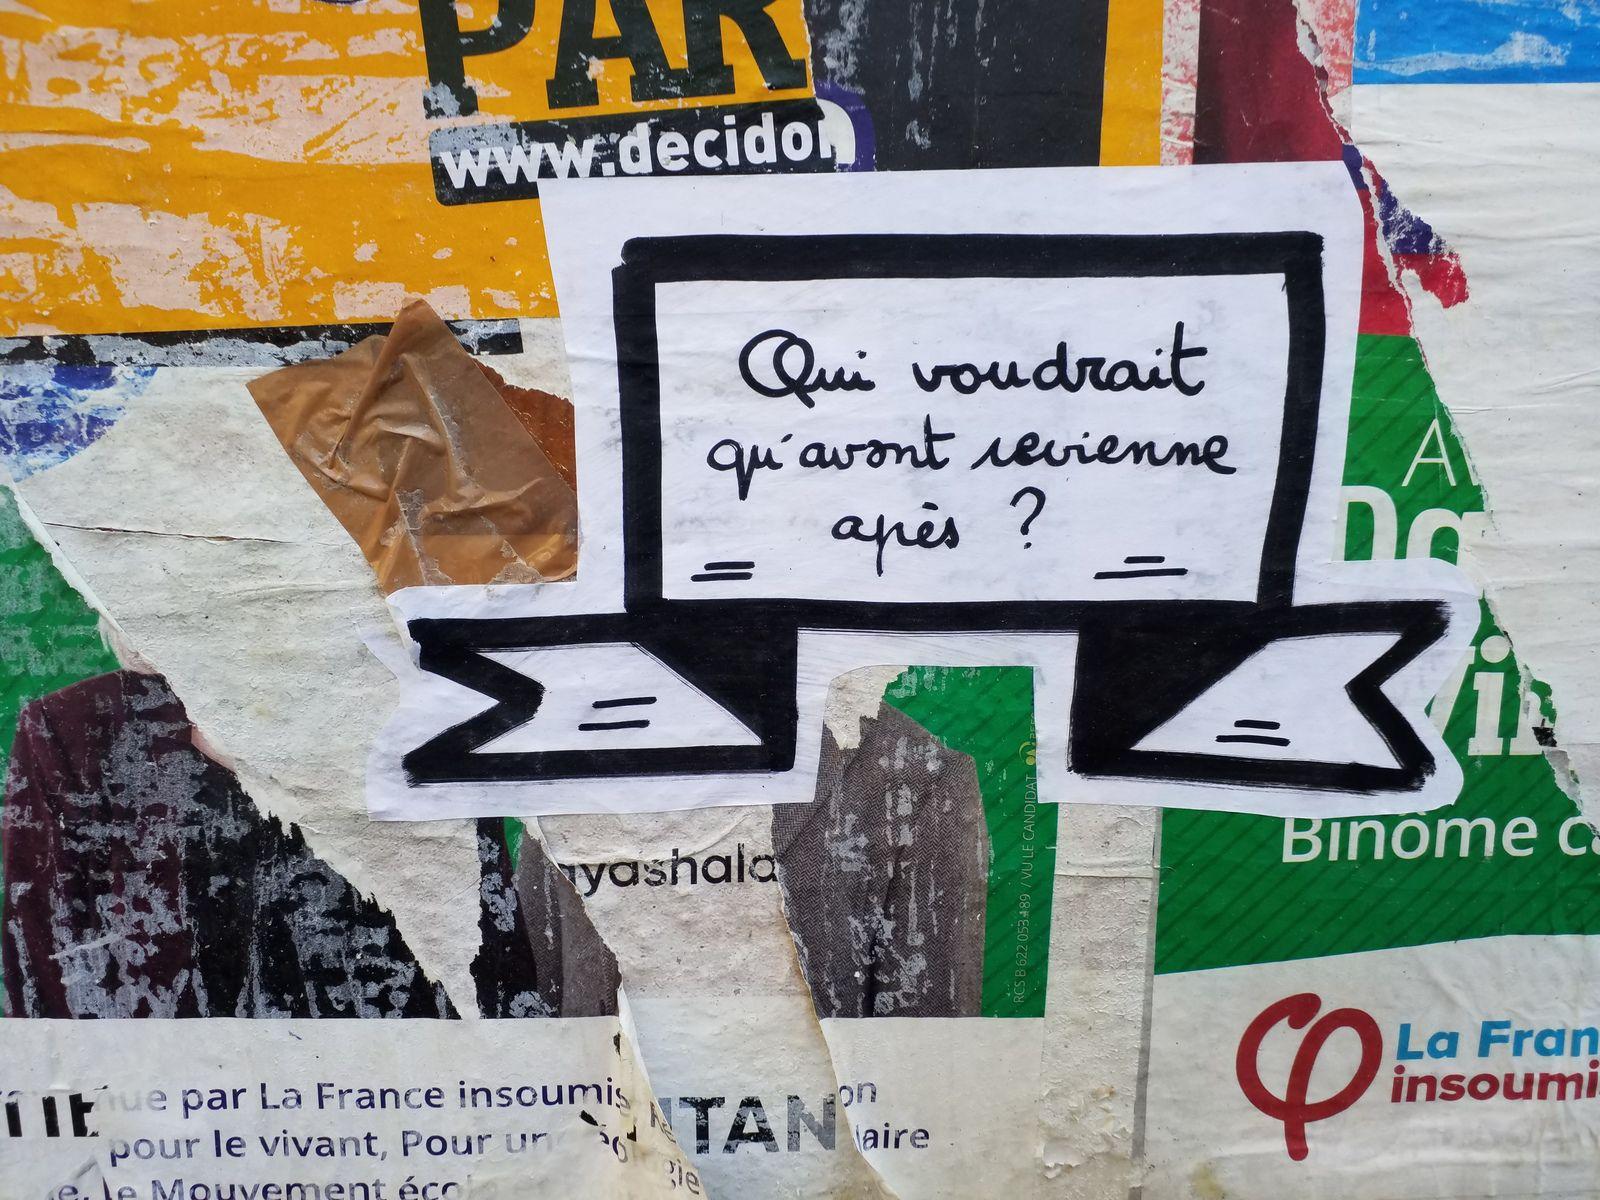 R Saint Maur 11° (03/05/20)